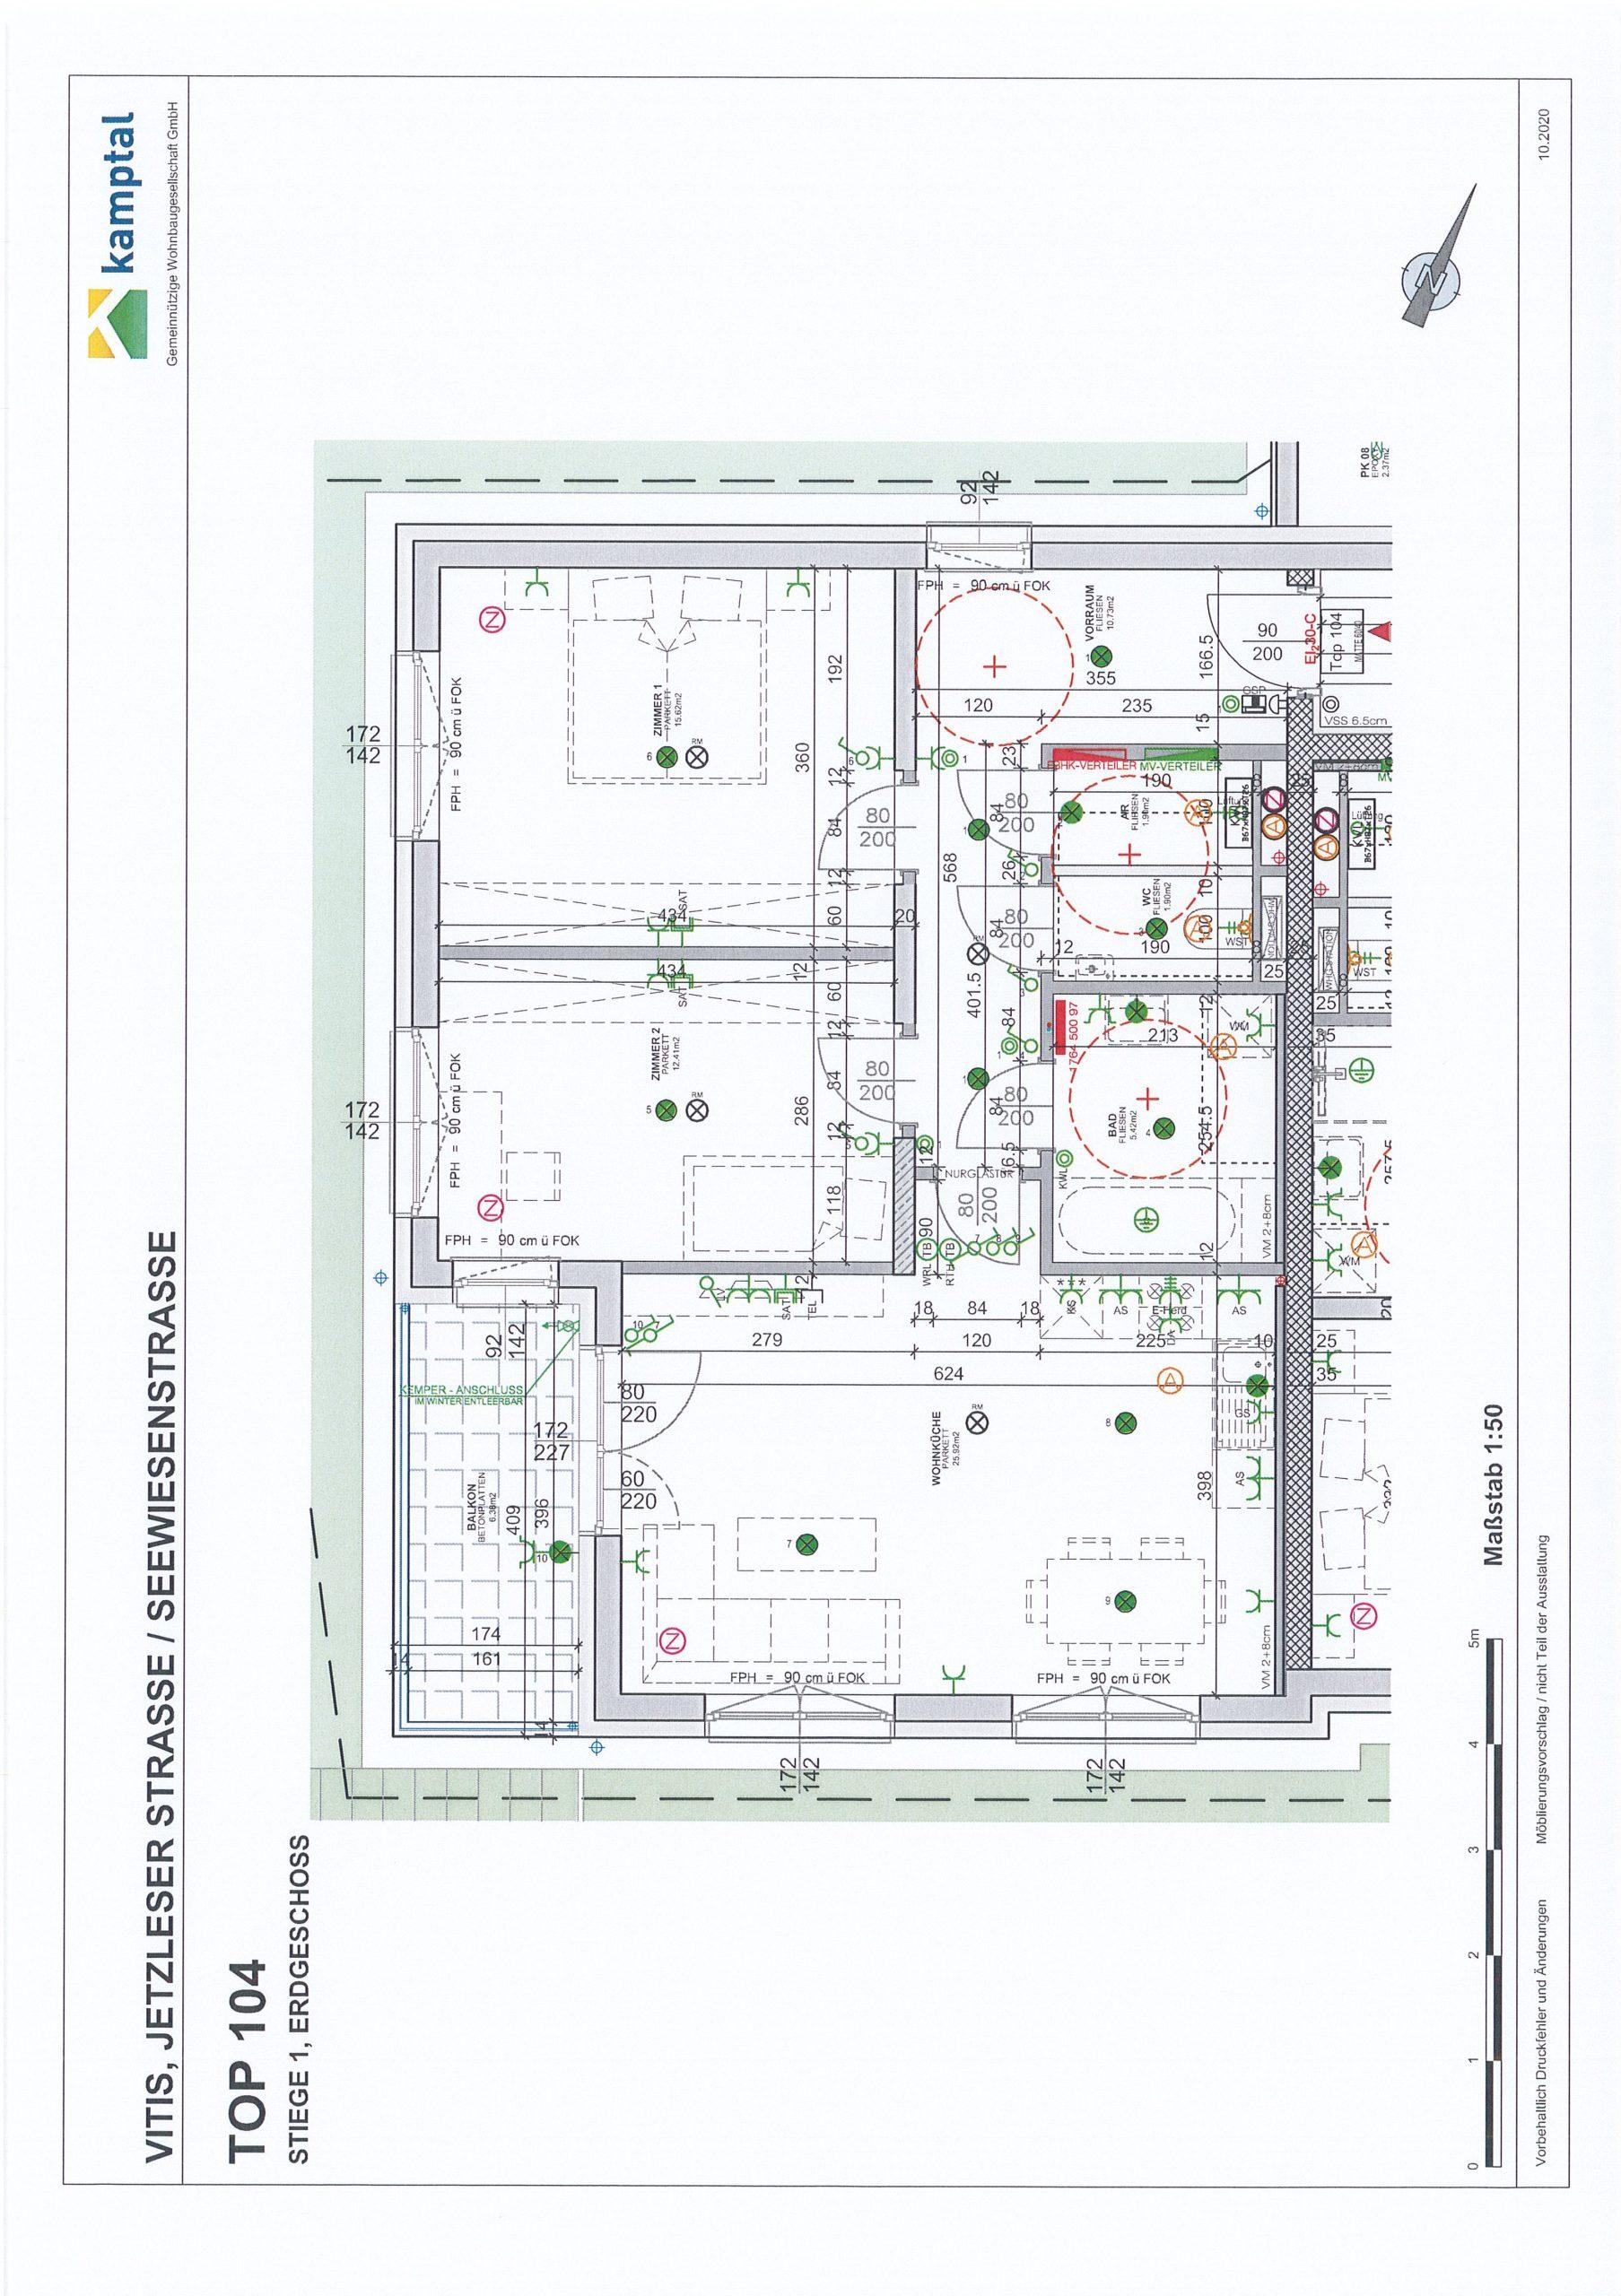 Immobilie von Kamptal in 3902 Vitis, Waidhofen an der Thaya, Vitis I - Top 104 #0